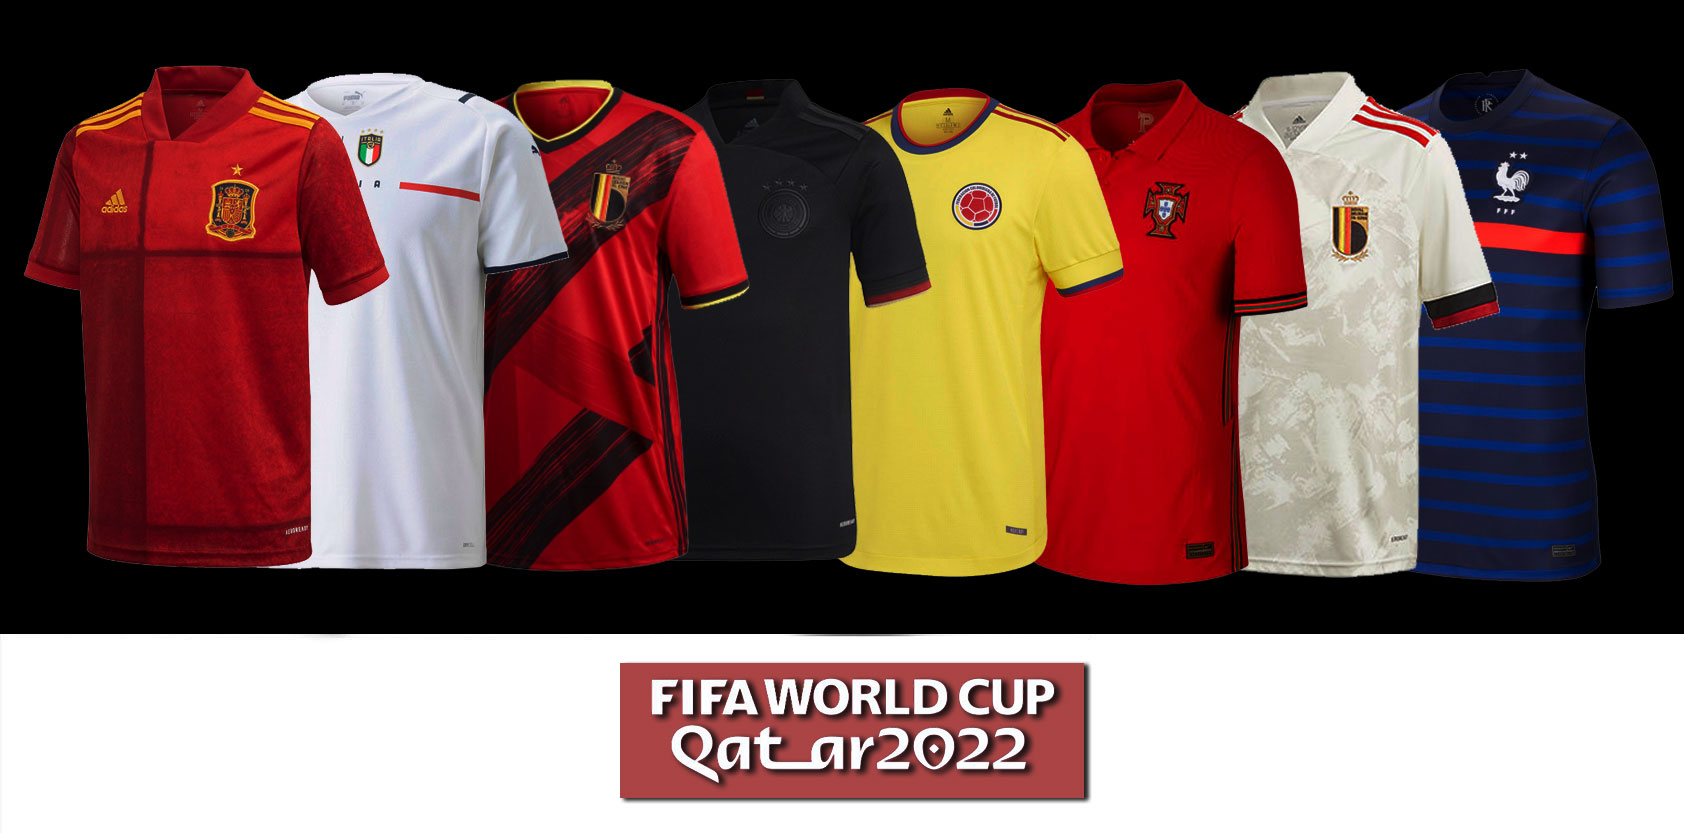 a2e03794f3368 Comprar Camisetas de fútbol baratas en línea